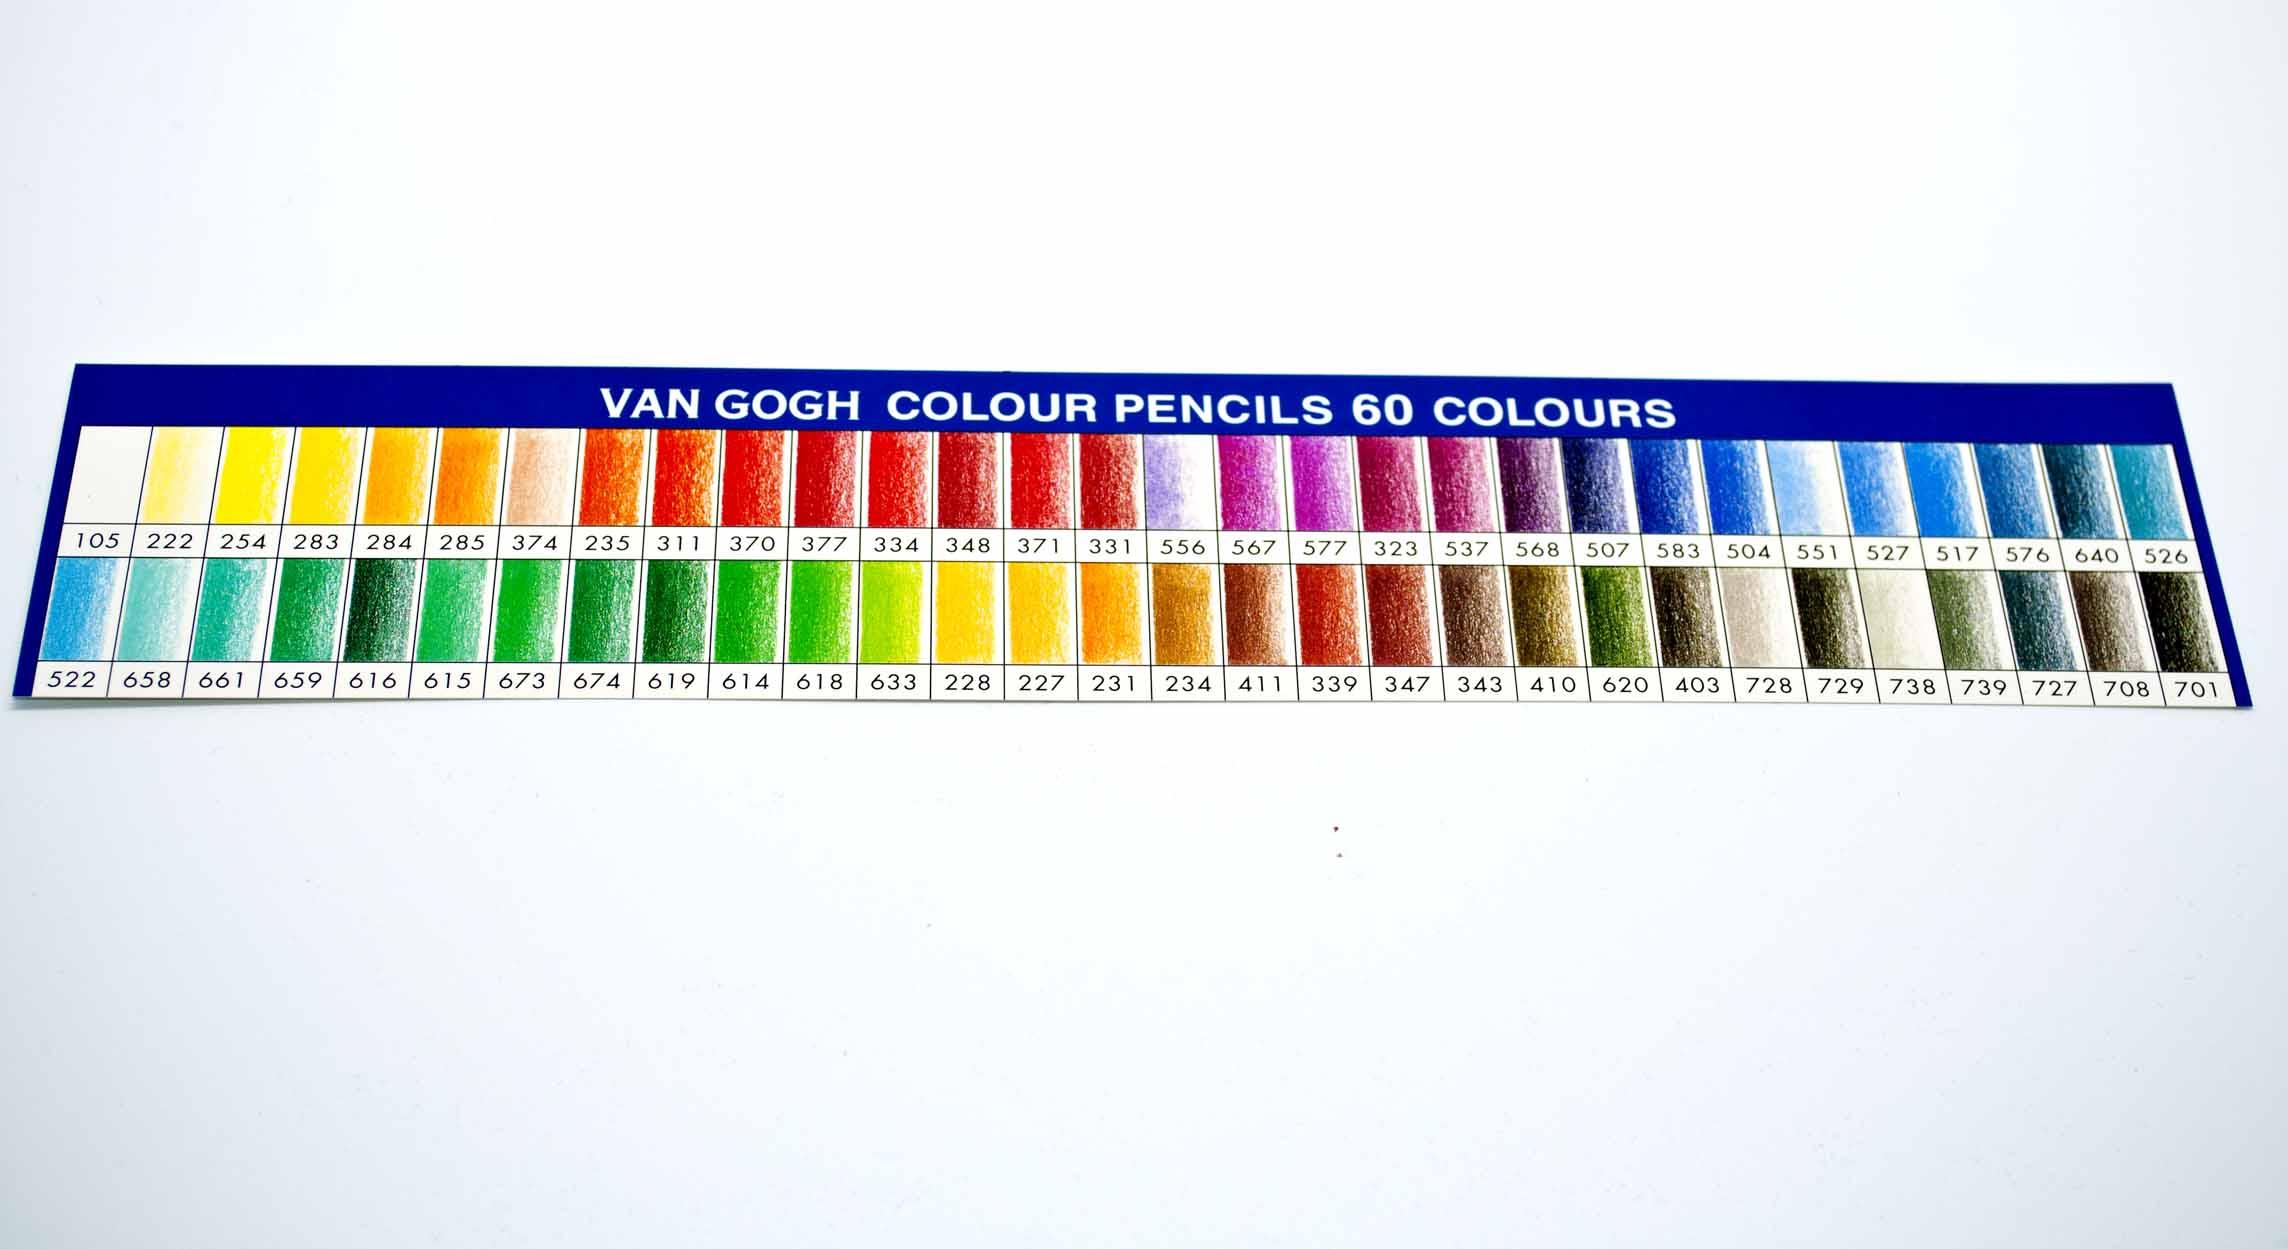 Van Gogh Colour Chart.jpg